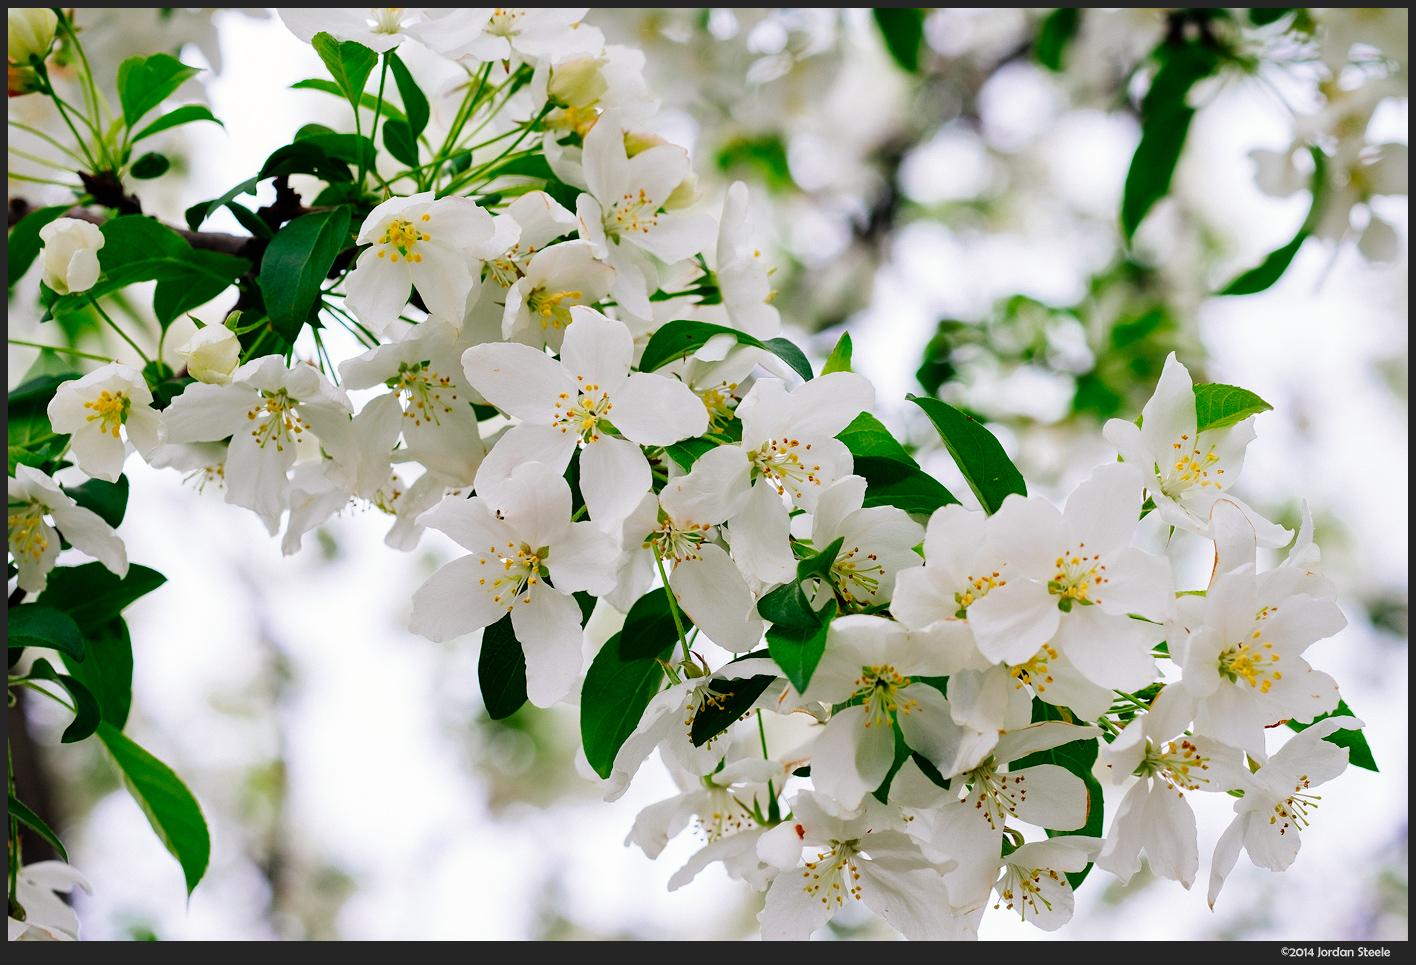 Blossoms - Fujifilm X-E1 with Fujinon XF 60mm f/2.4 R @ f/2.4